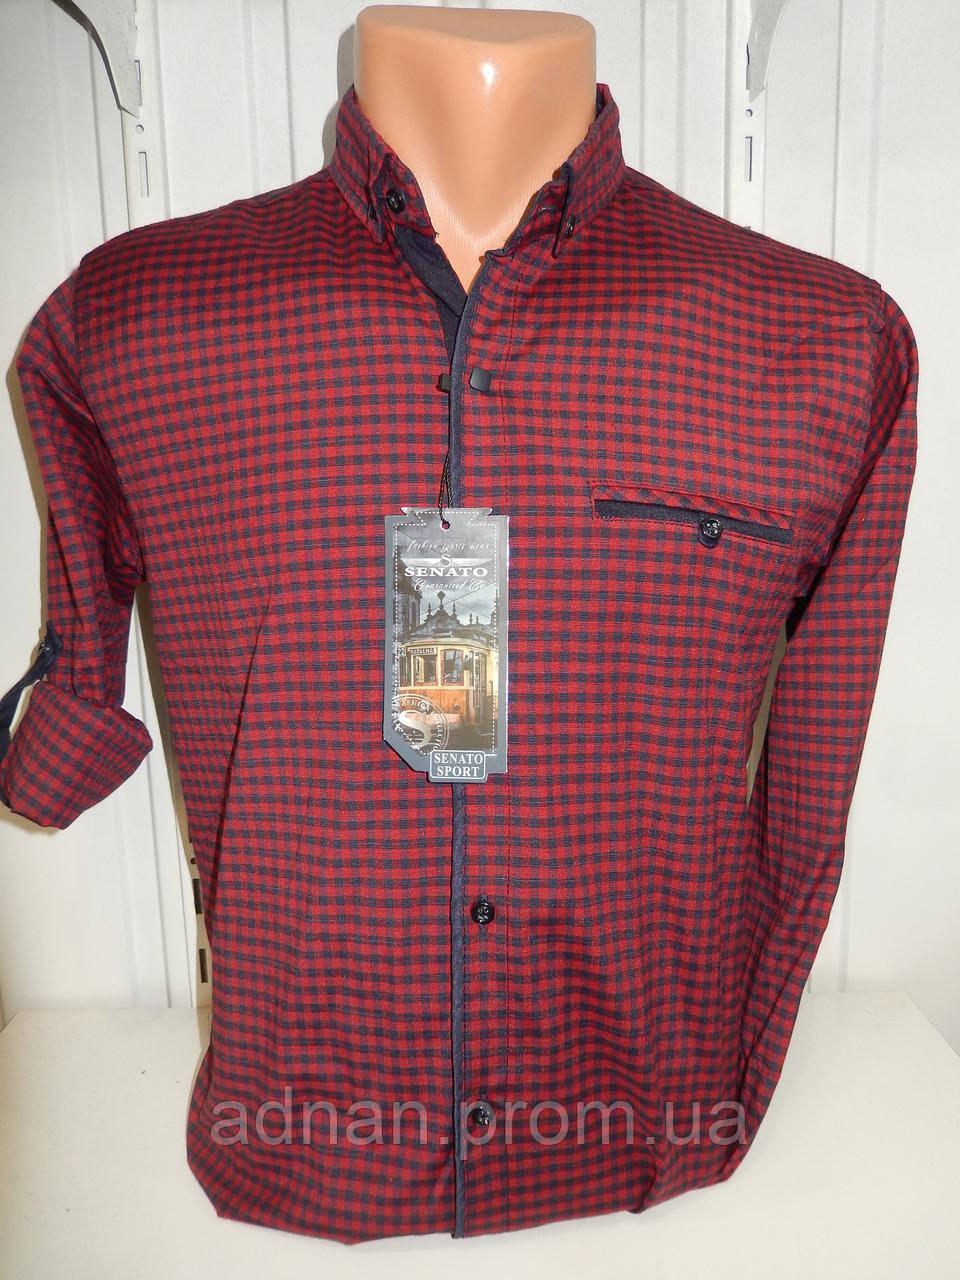 Рубашка мужская CROM клетка мелкая, стрейч, 3 заклепки 003 /купить только оптом